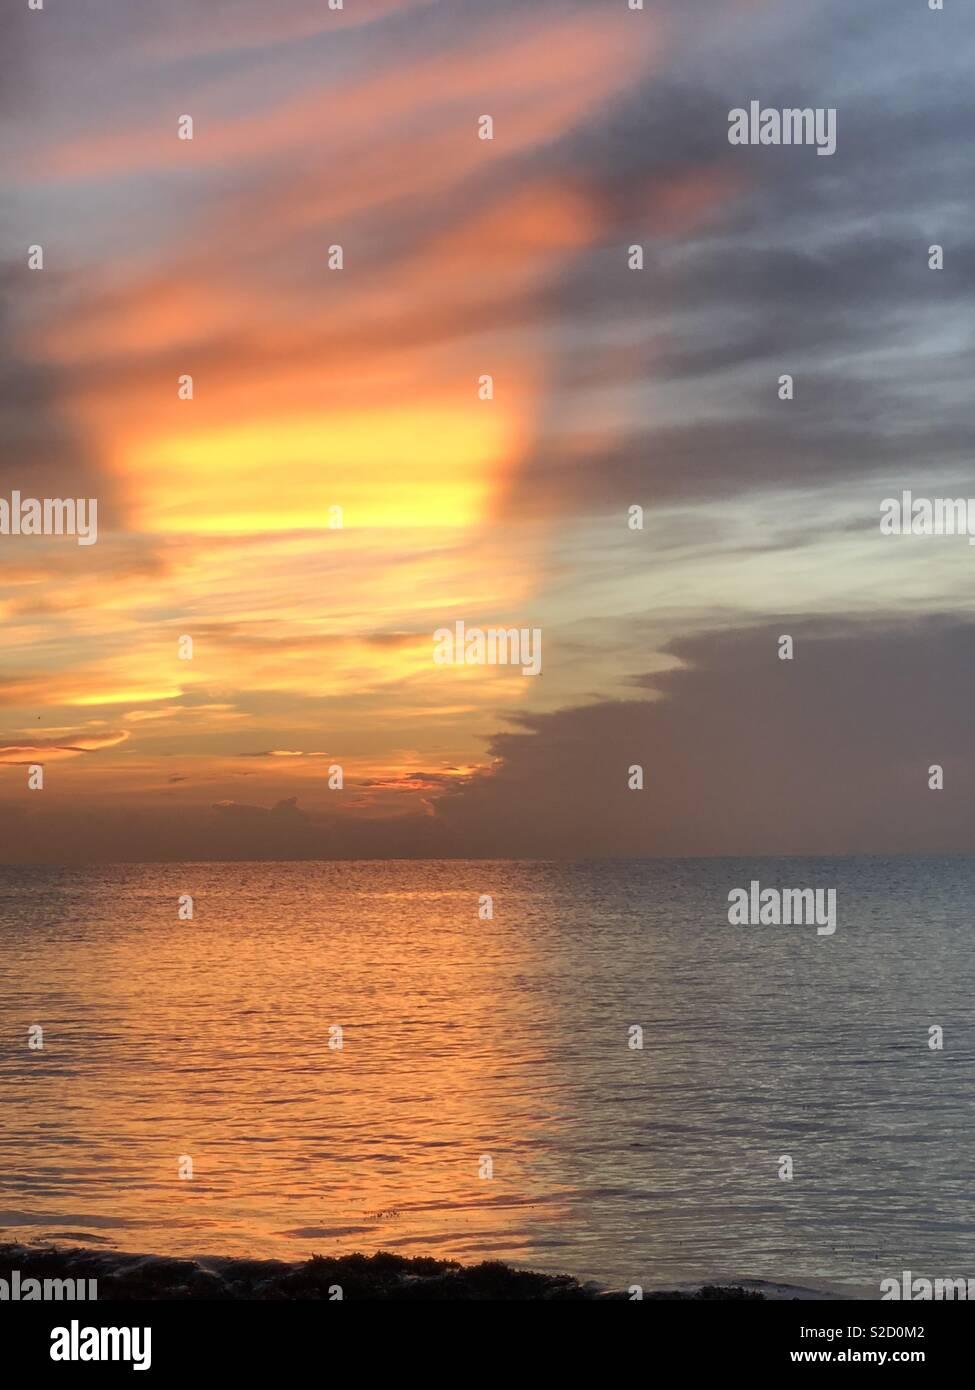 La Separación De Las Tinieblas Y La Luz Contra El Poder Del Océano Fotografía De Stock Alamy